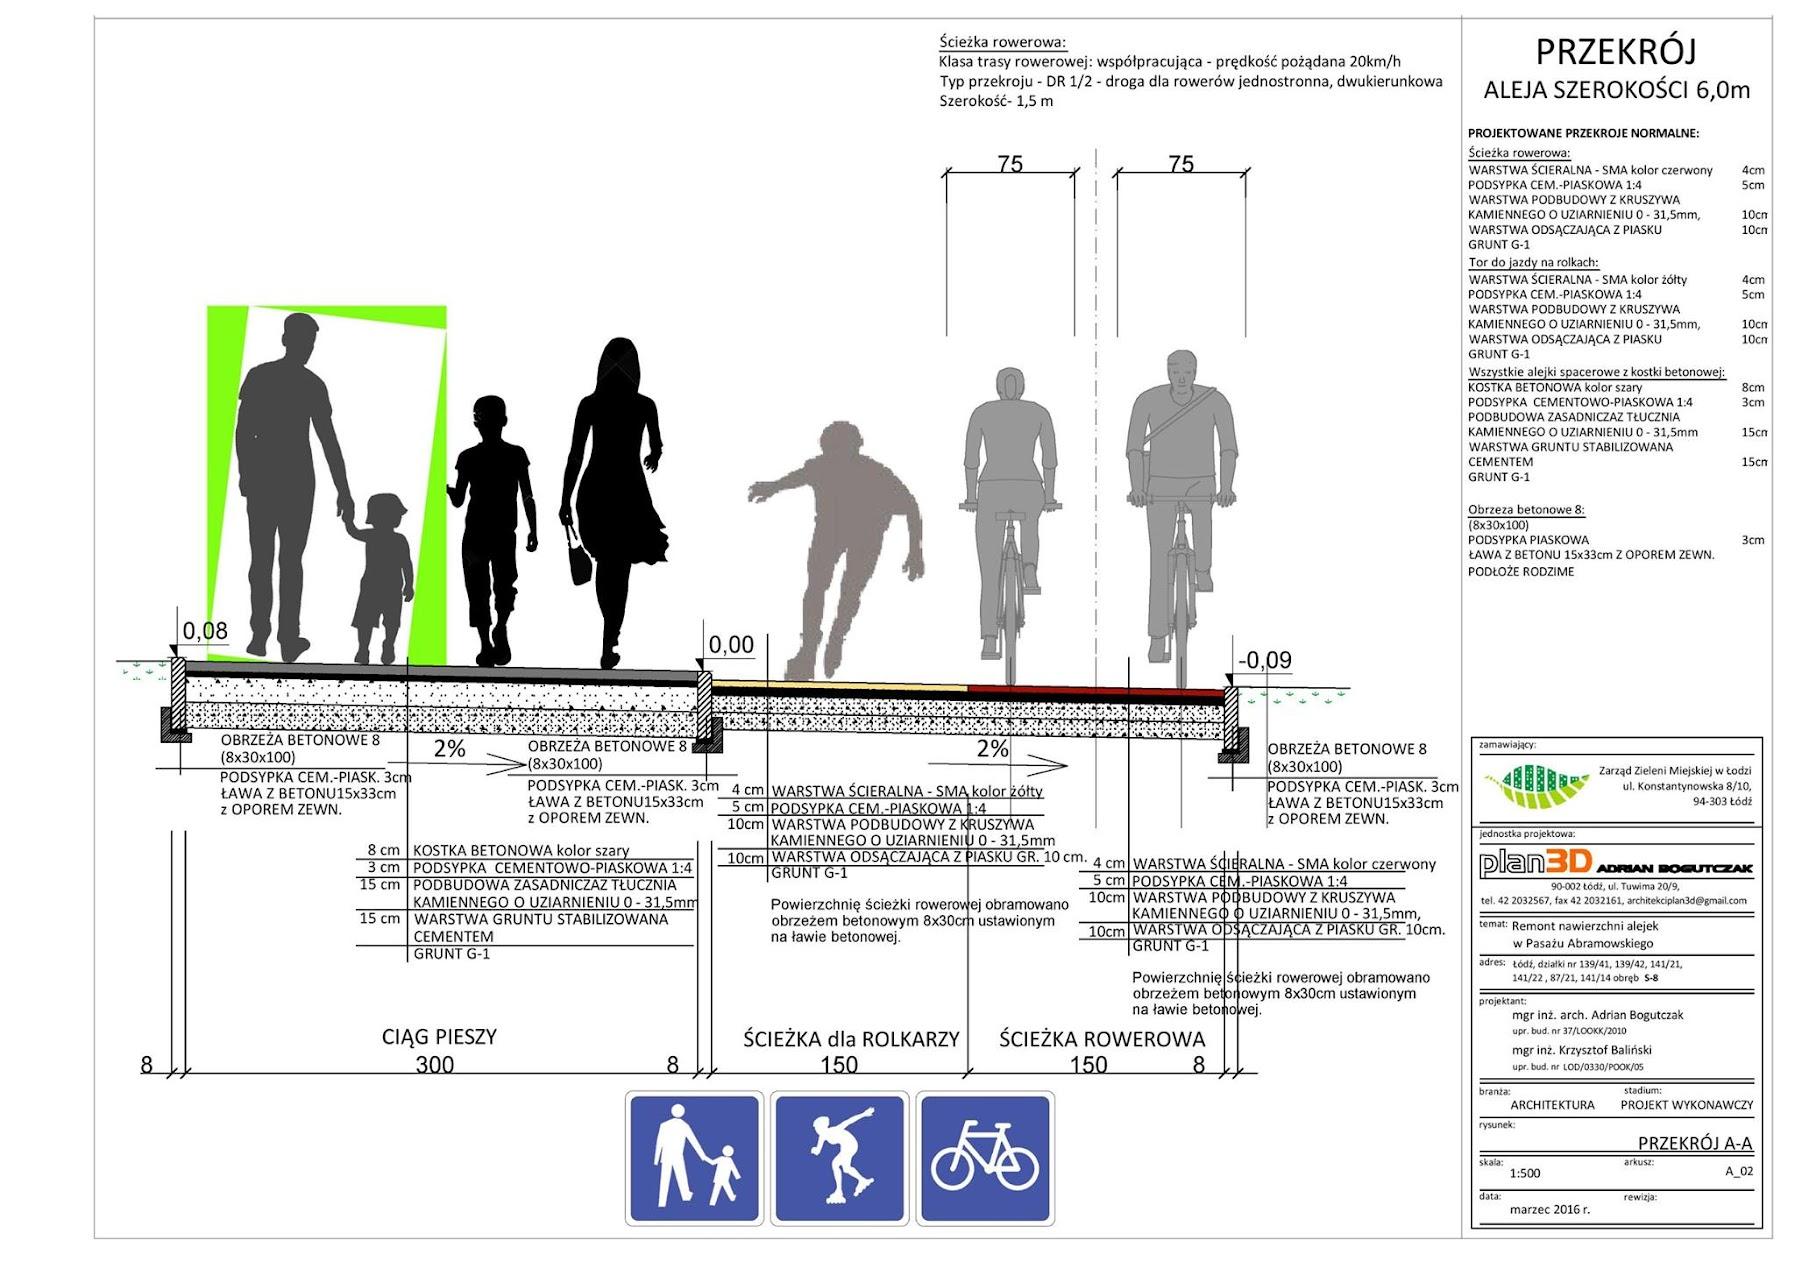 Przekroje nowej drogi dla rowerów, drogi dla rolkarzy i chodnika